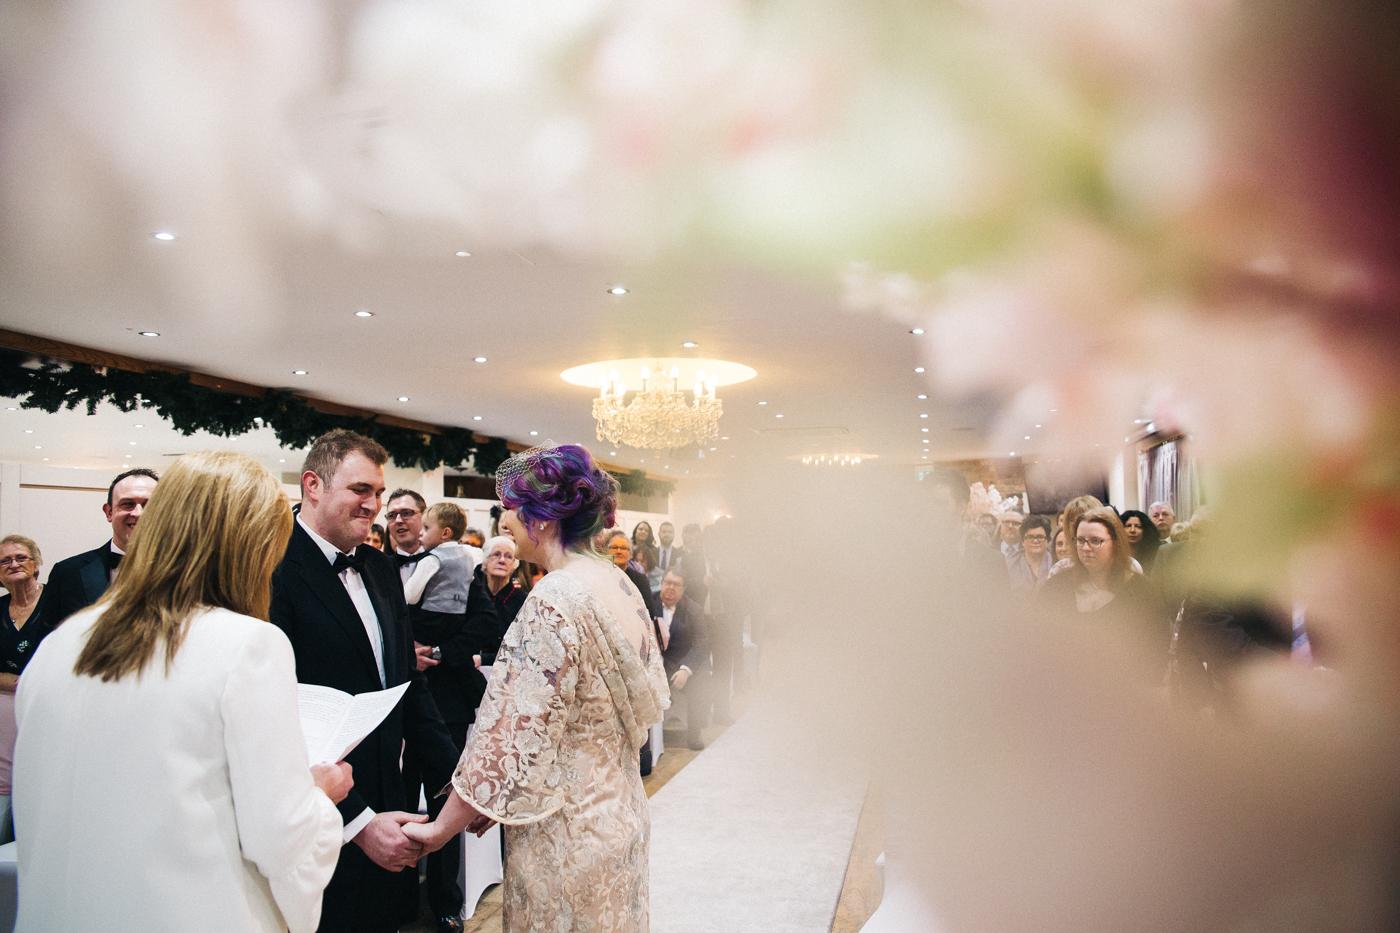 derby-derbyshire-wedding-photographer-creative-white-hart-inn-wedding-0020.jpg